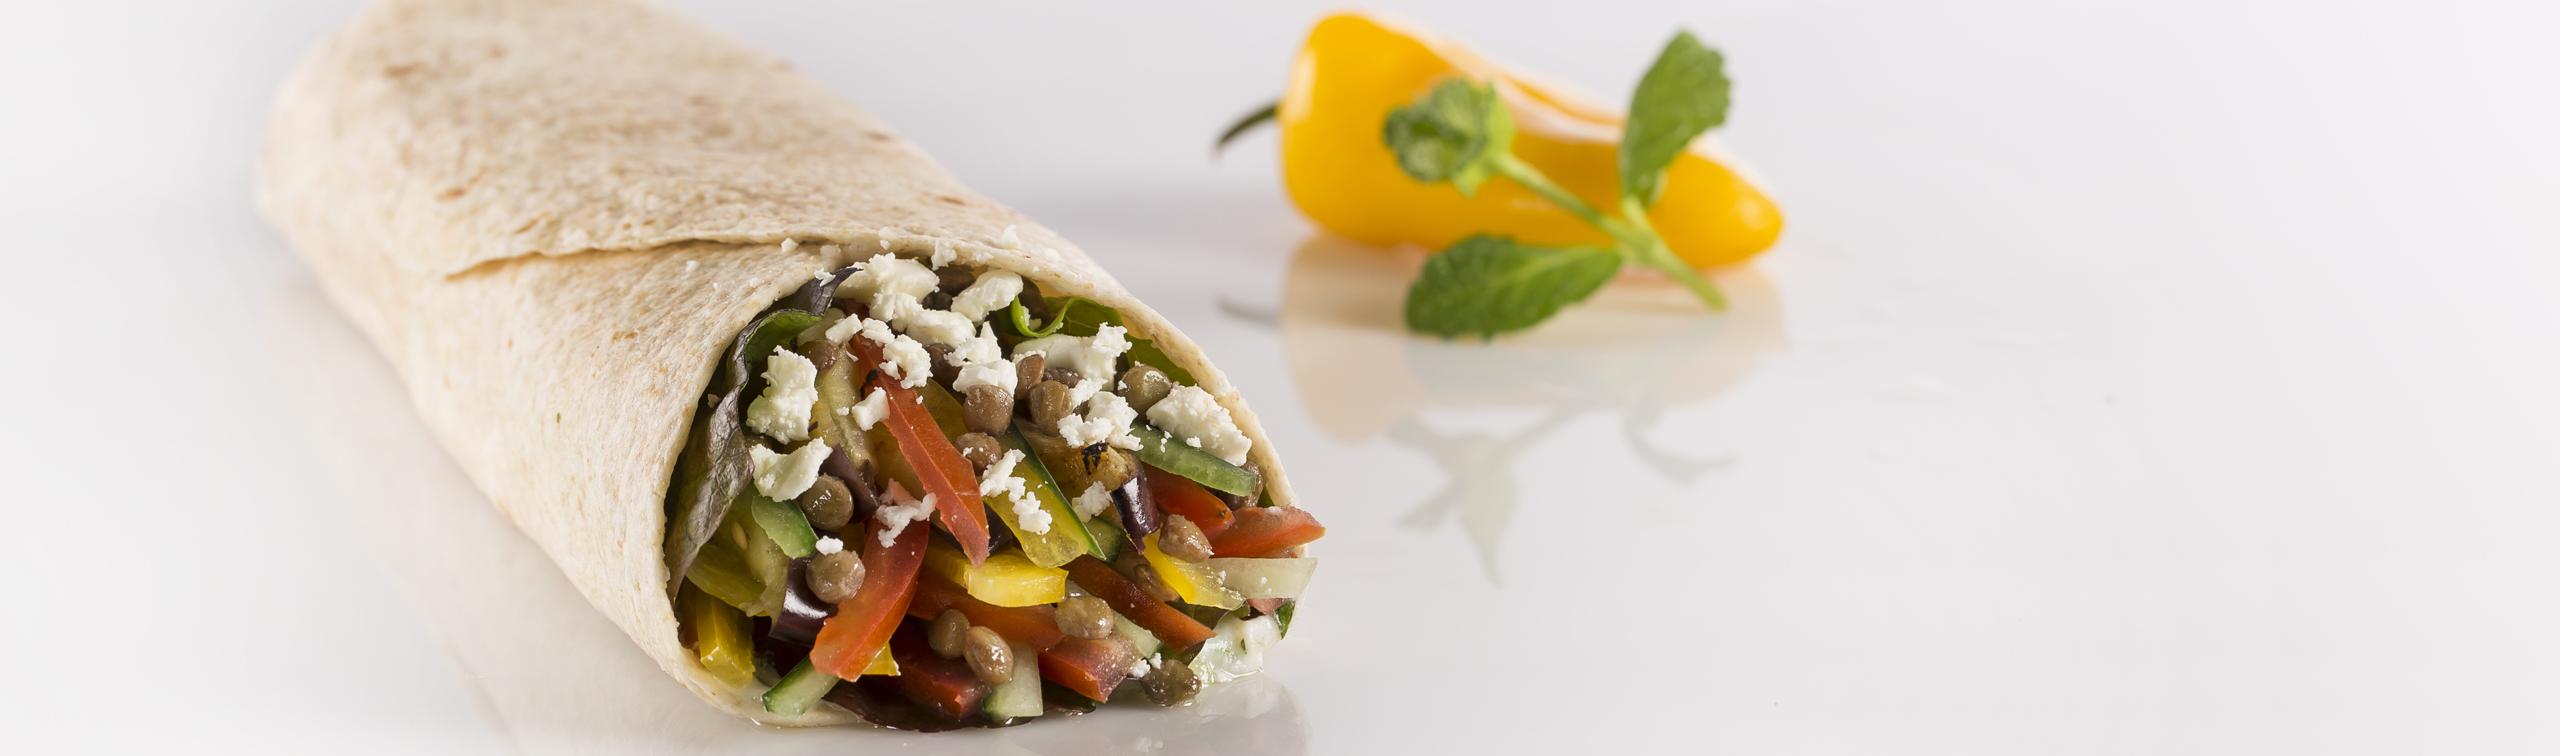 Mediterranean Veggie Wrap | In My Kitchen Recipes